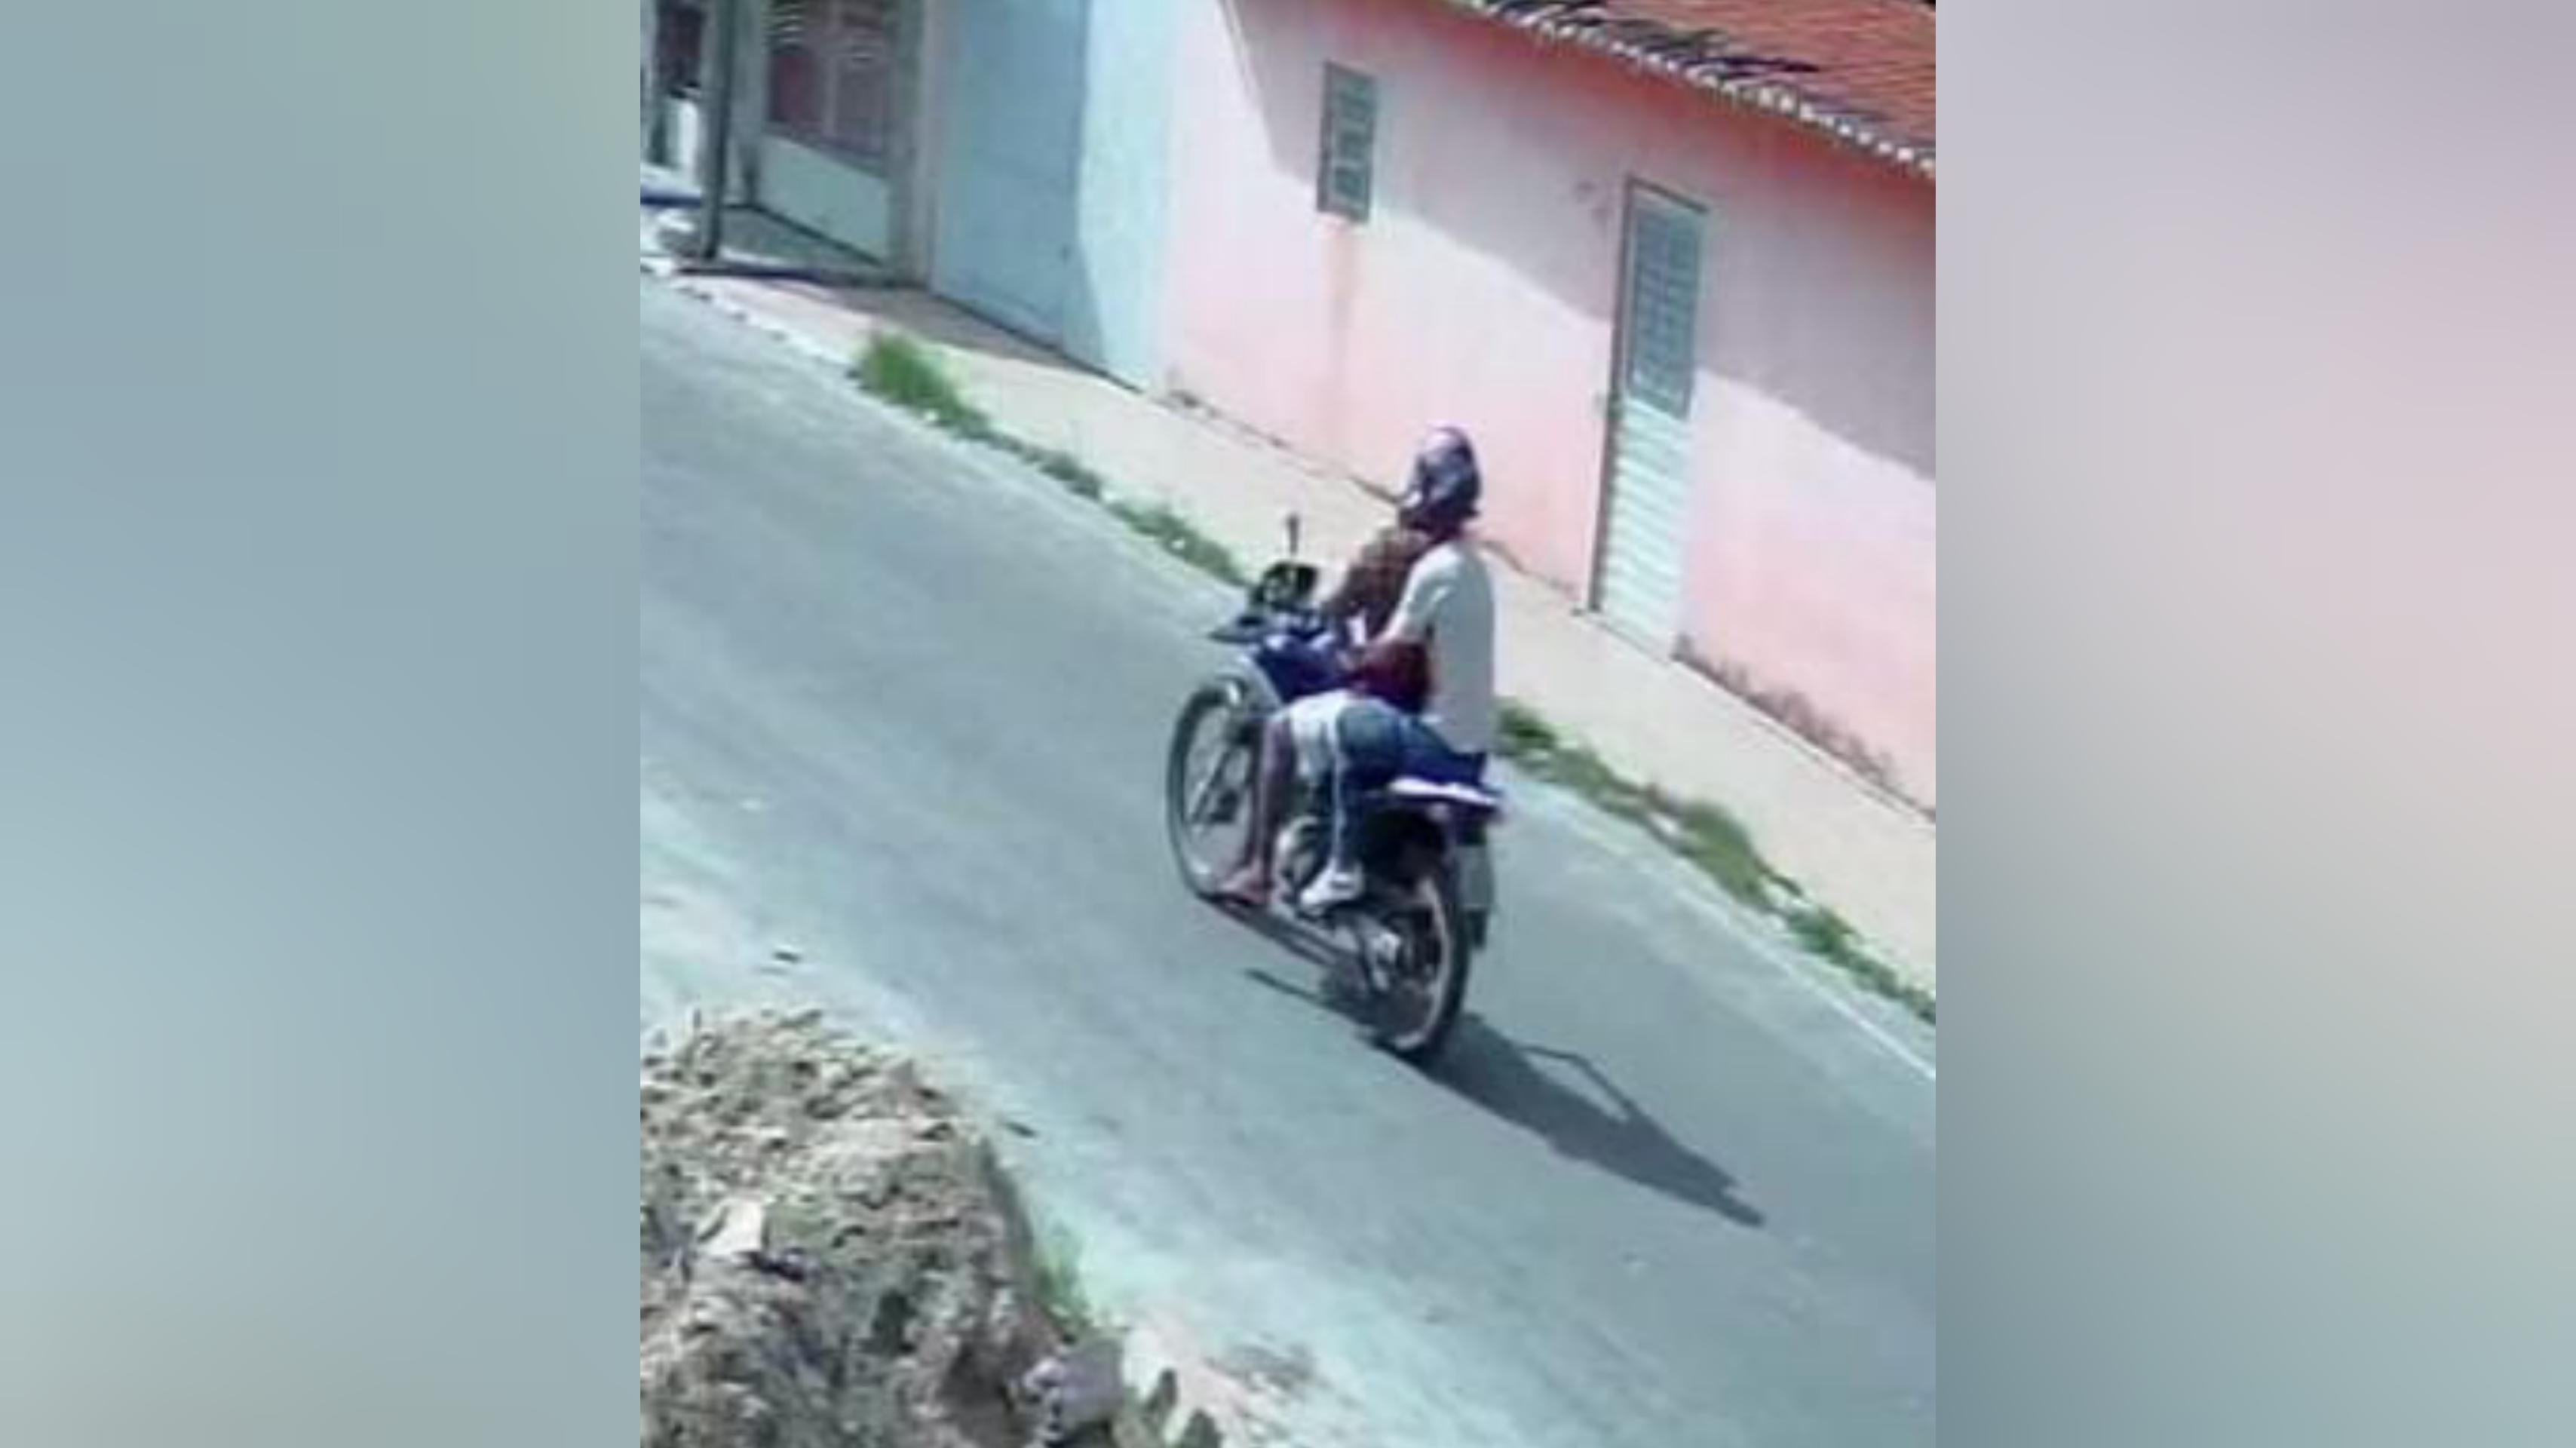 Vídeo mostra homens em moto praticando assalto em bairro de Paulo Afonso